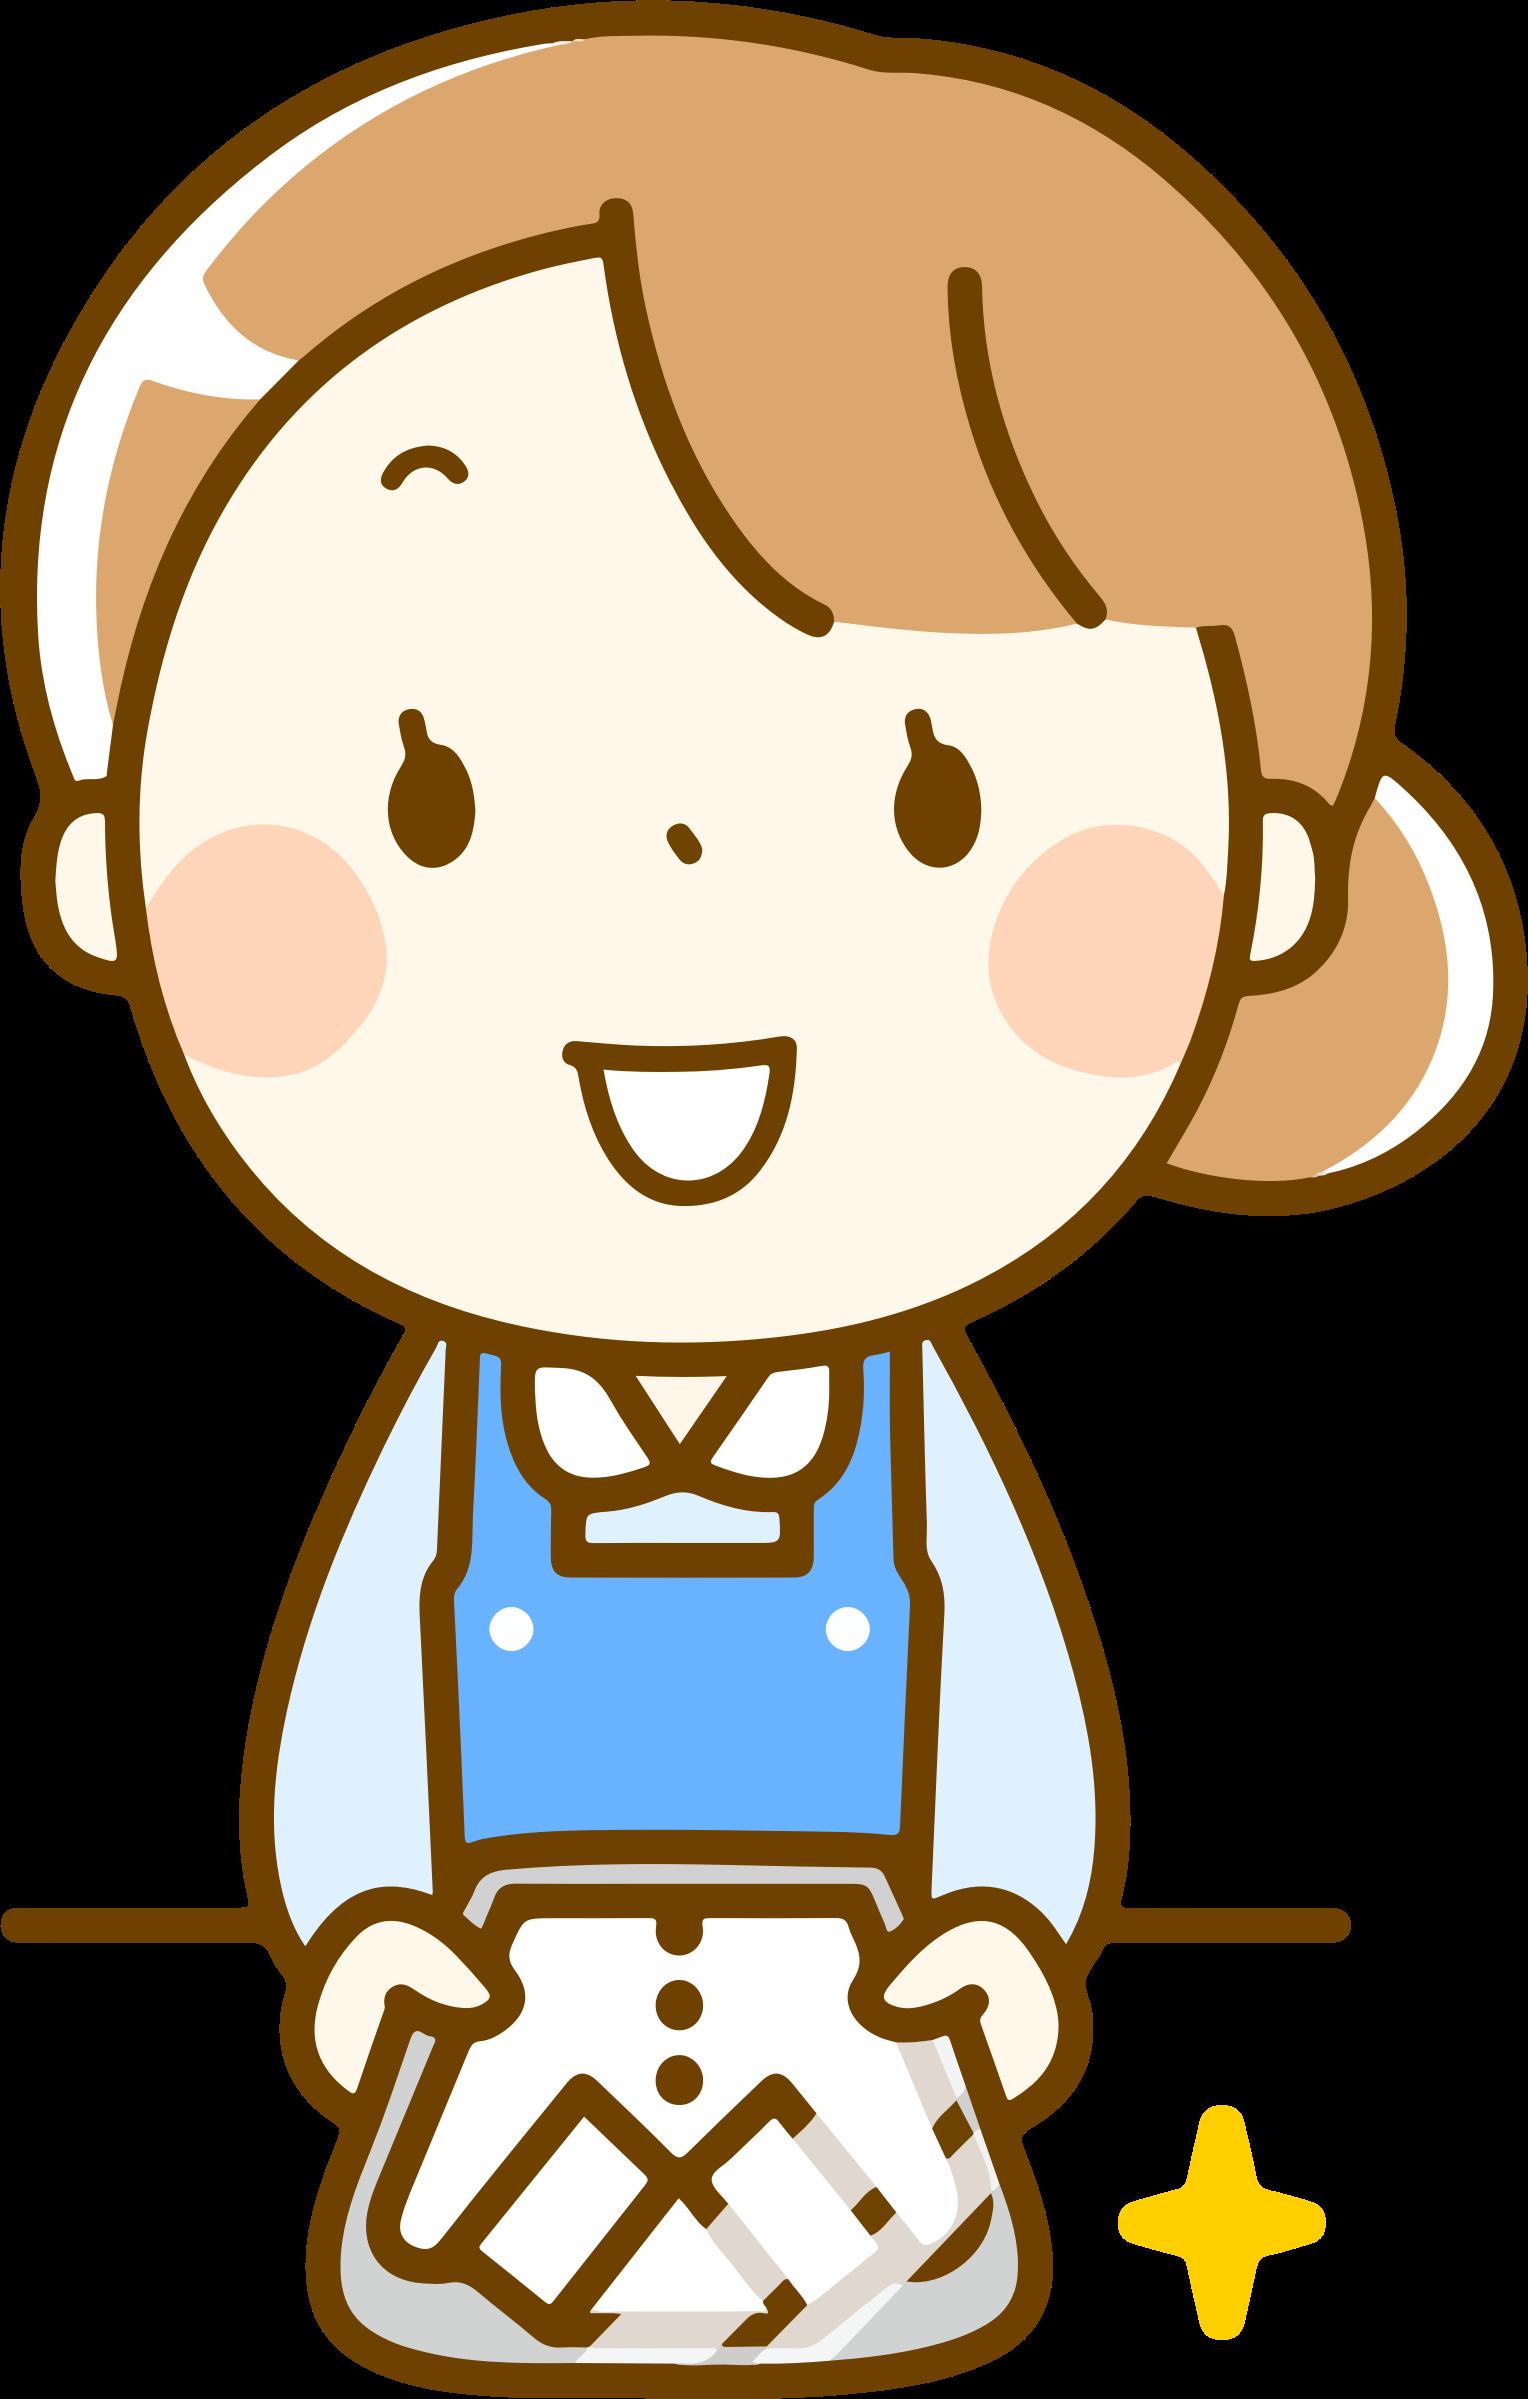 Sales clerk clipart jpg royalty free download Clipart - Sales Clerk (#1) jpg royalty free download